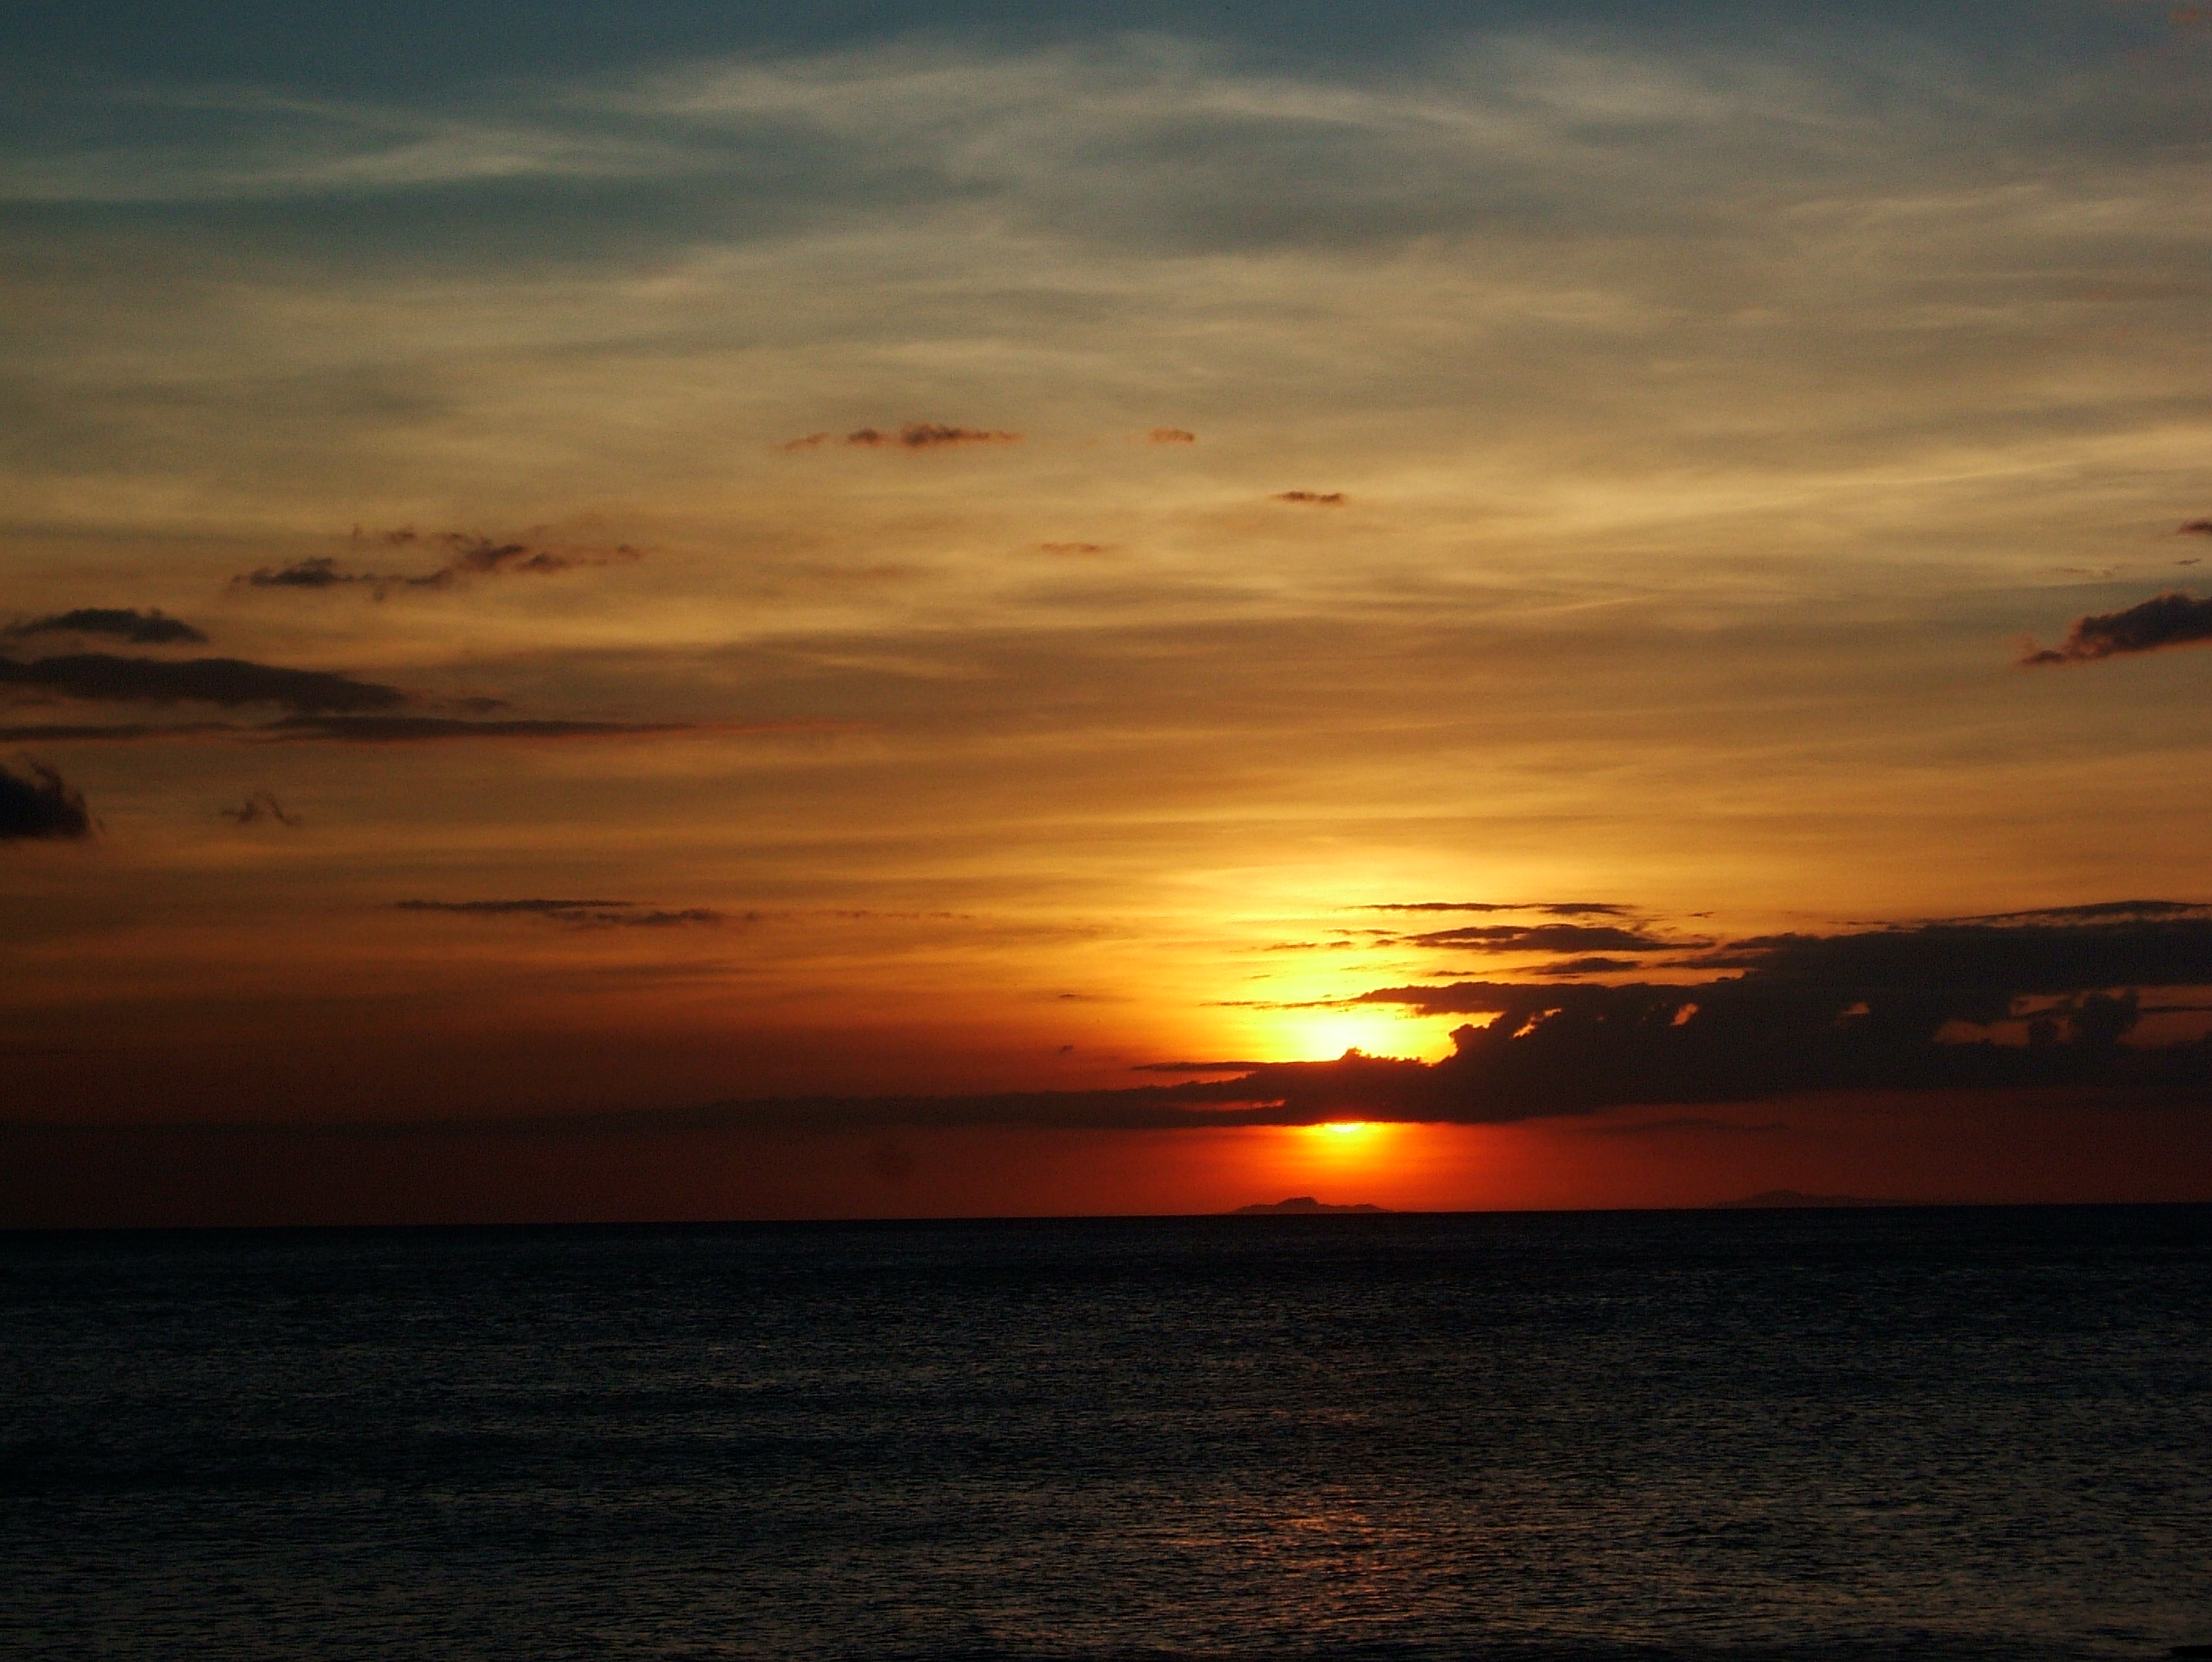 Sunset Philippines Mindoro White Beach 03